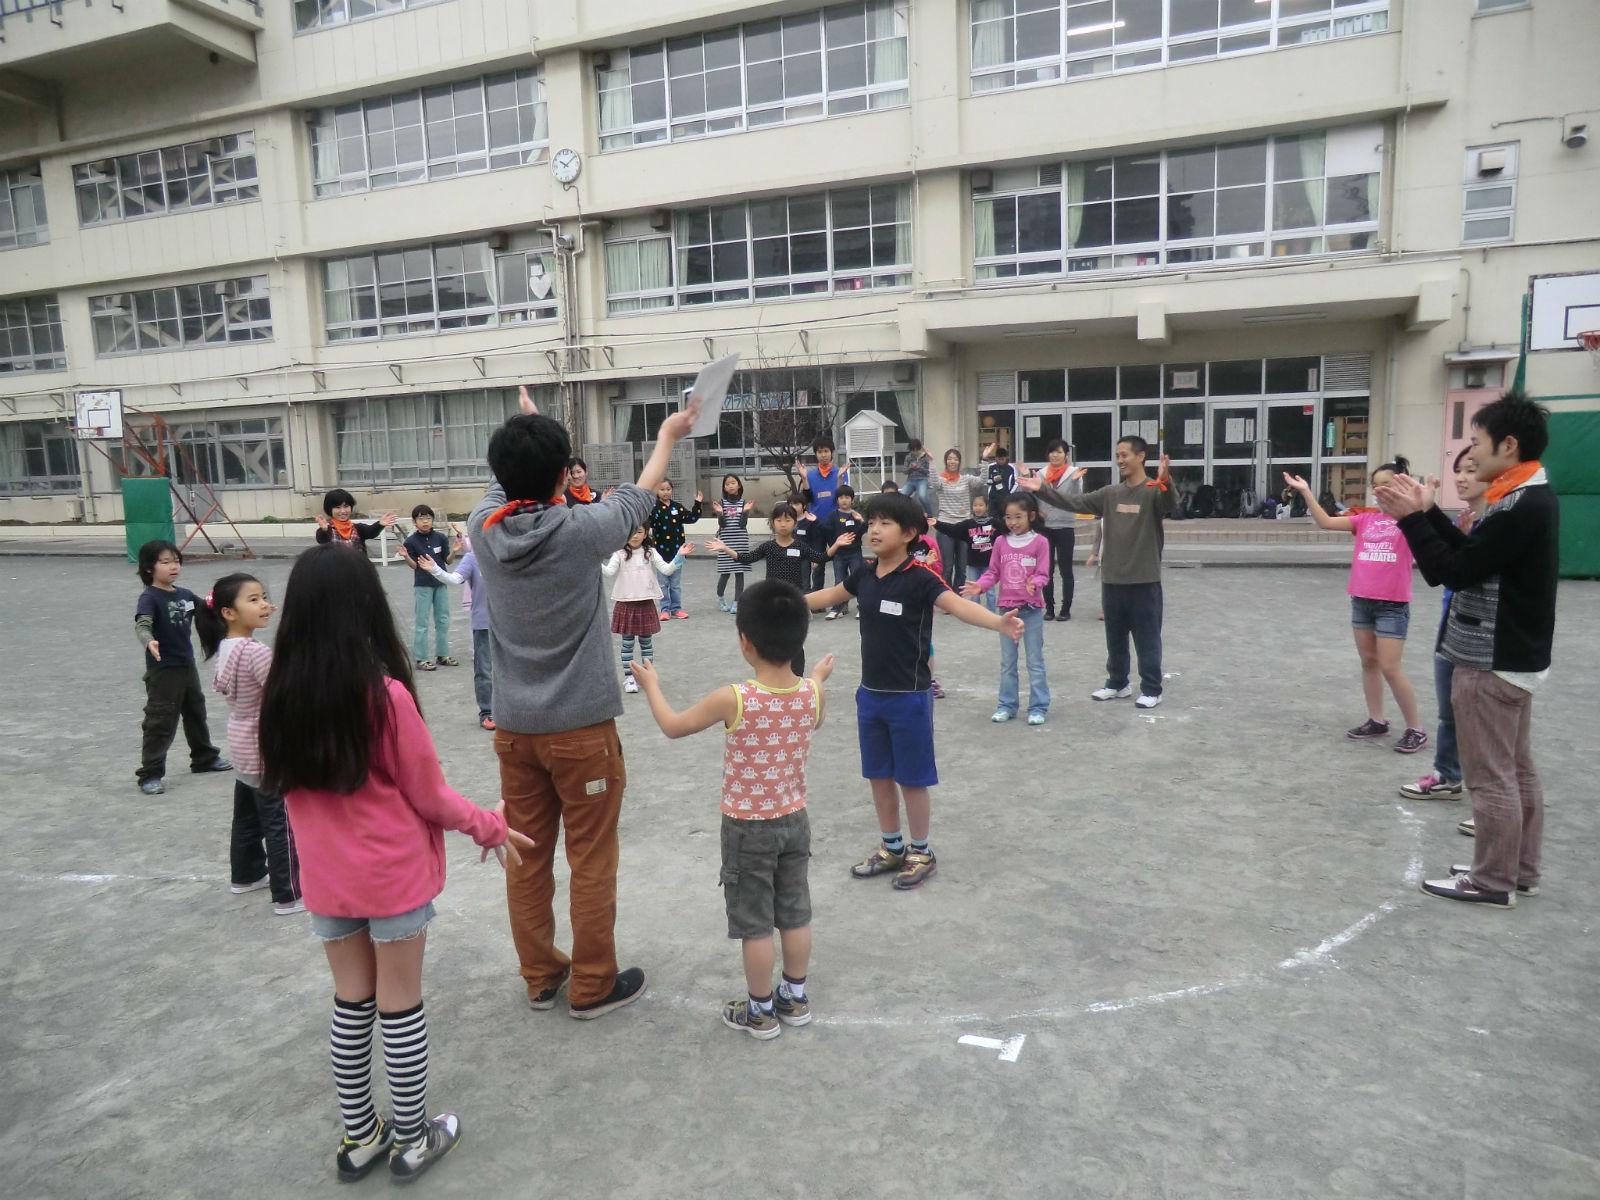 土曜日に学校で行われているウィークエンドスクールでの活動の様子